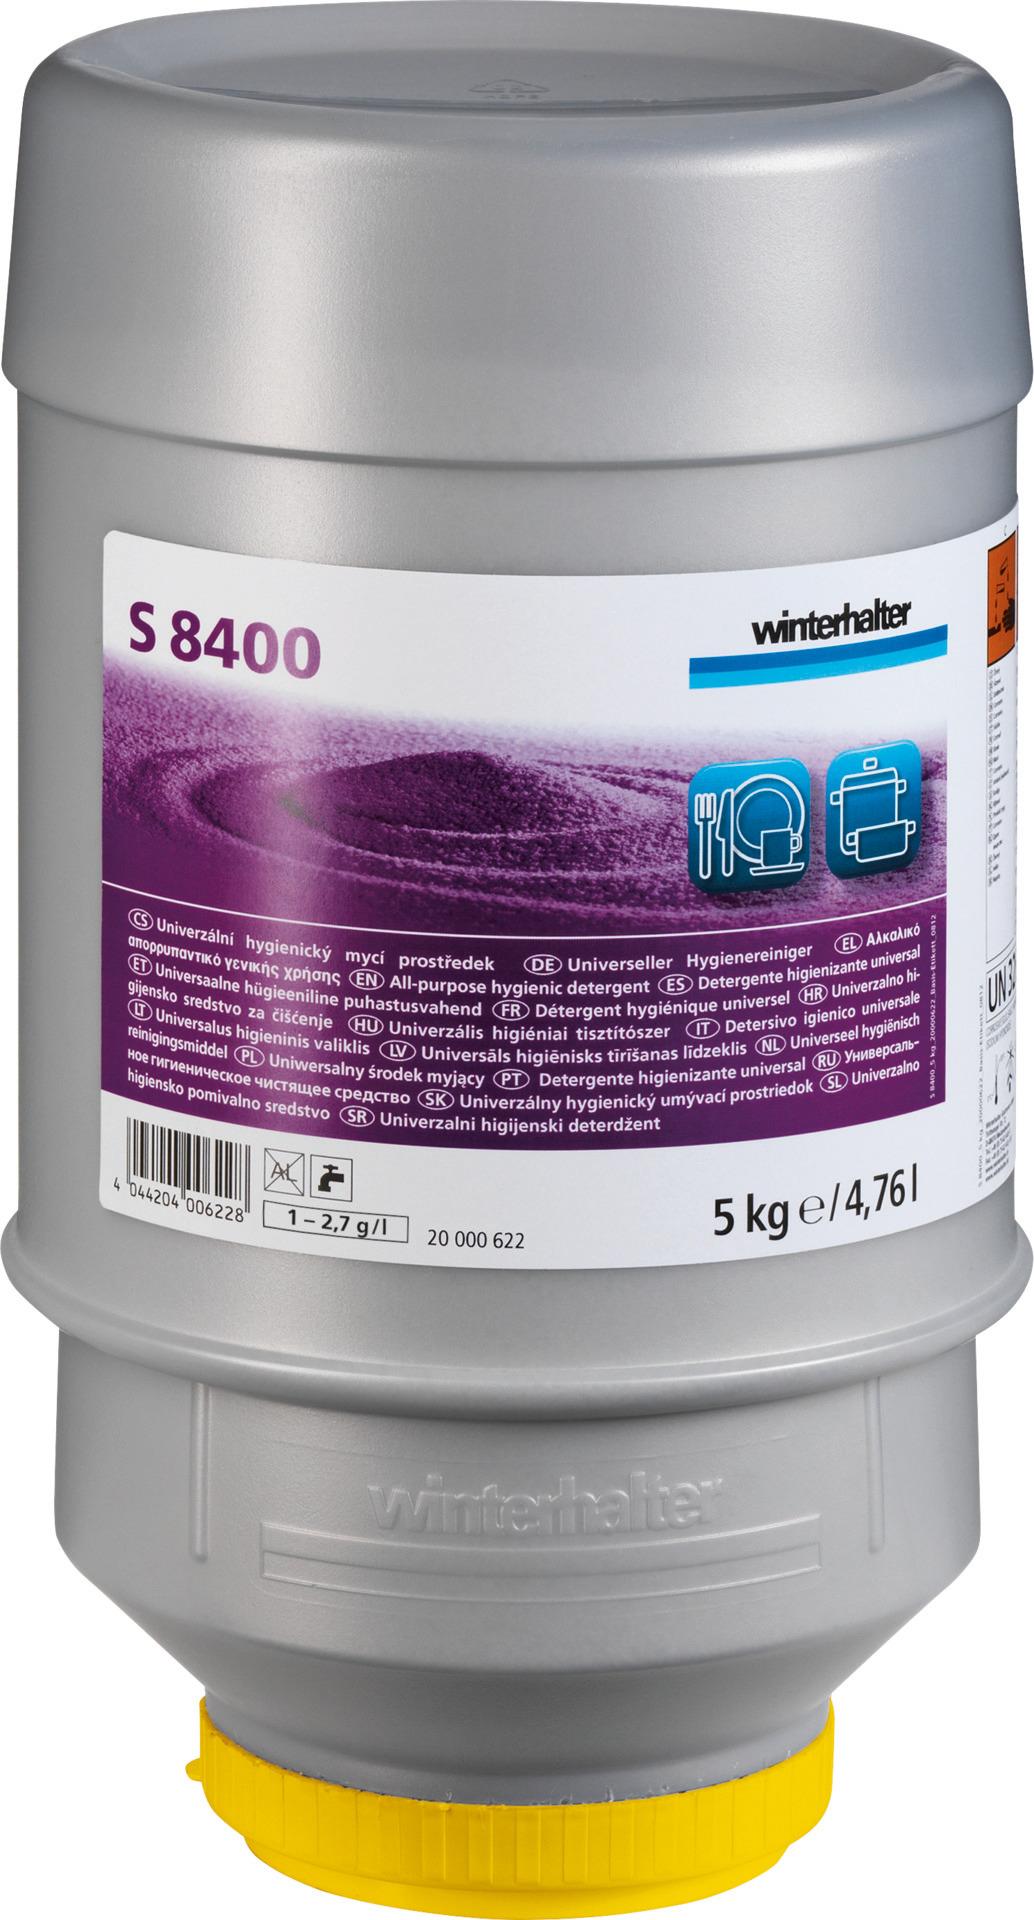 Hygiene-Universalreiniger S 8400 / 10,00 kg Karton je 2 Kartuschen